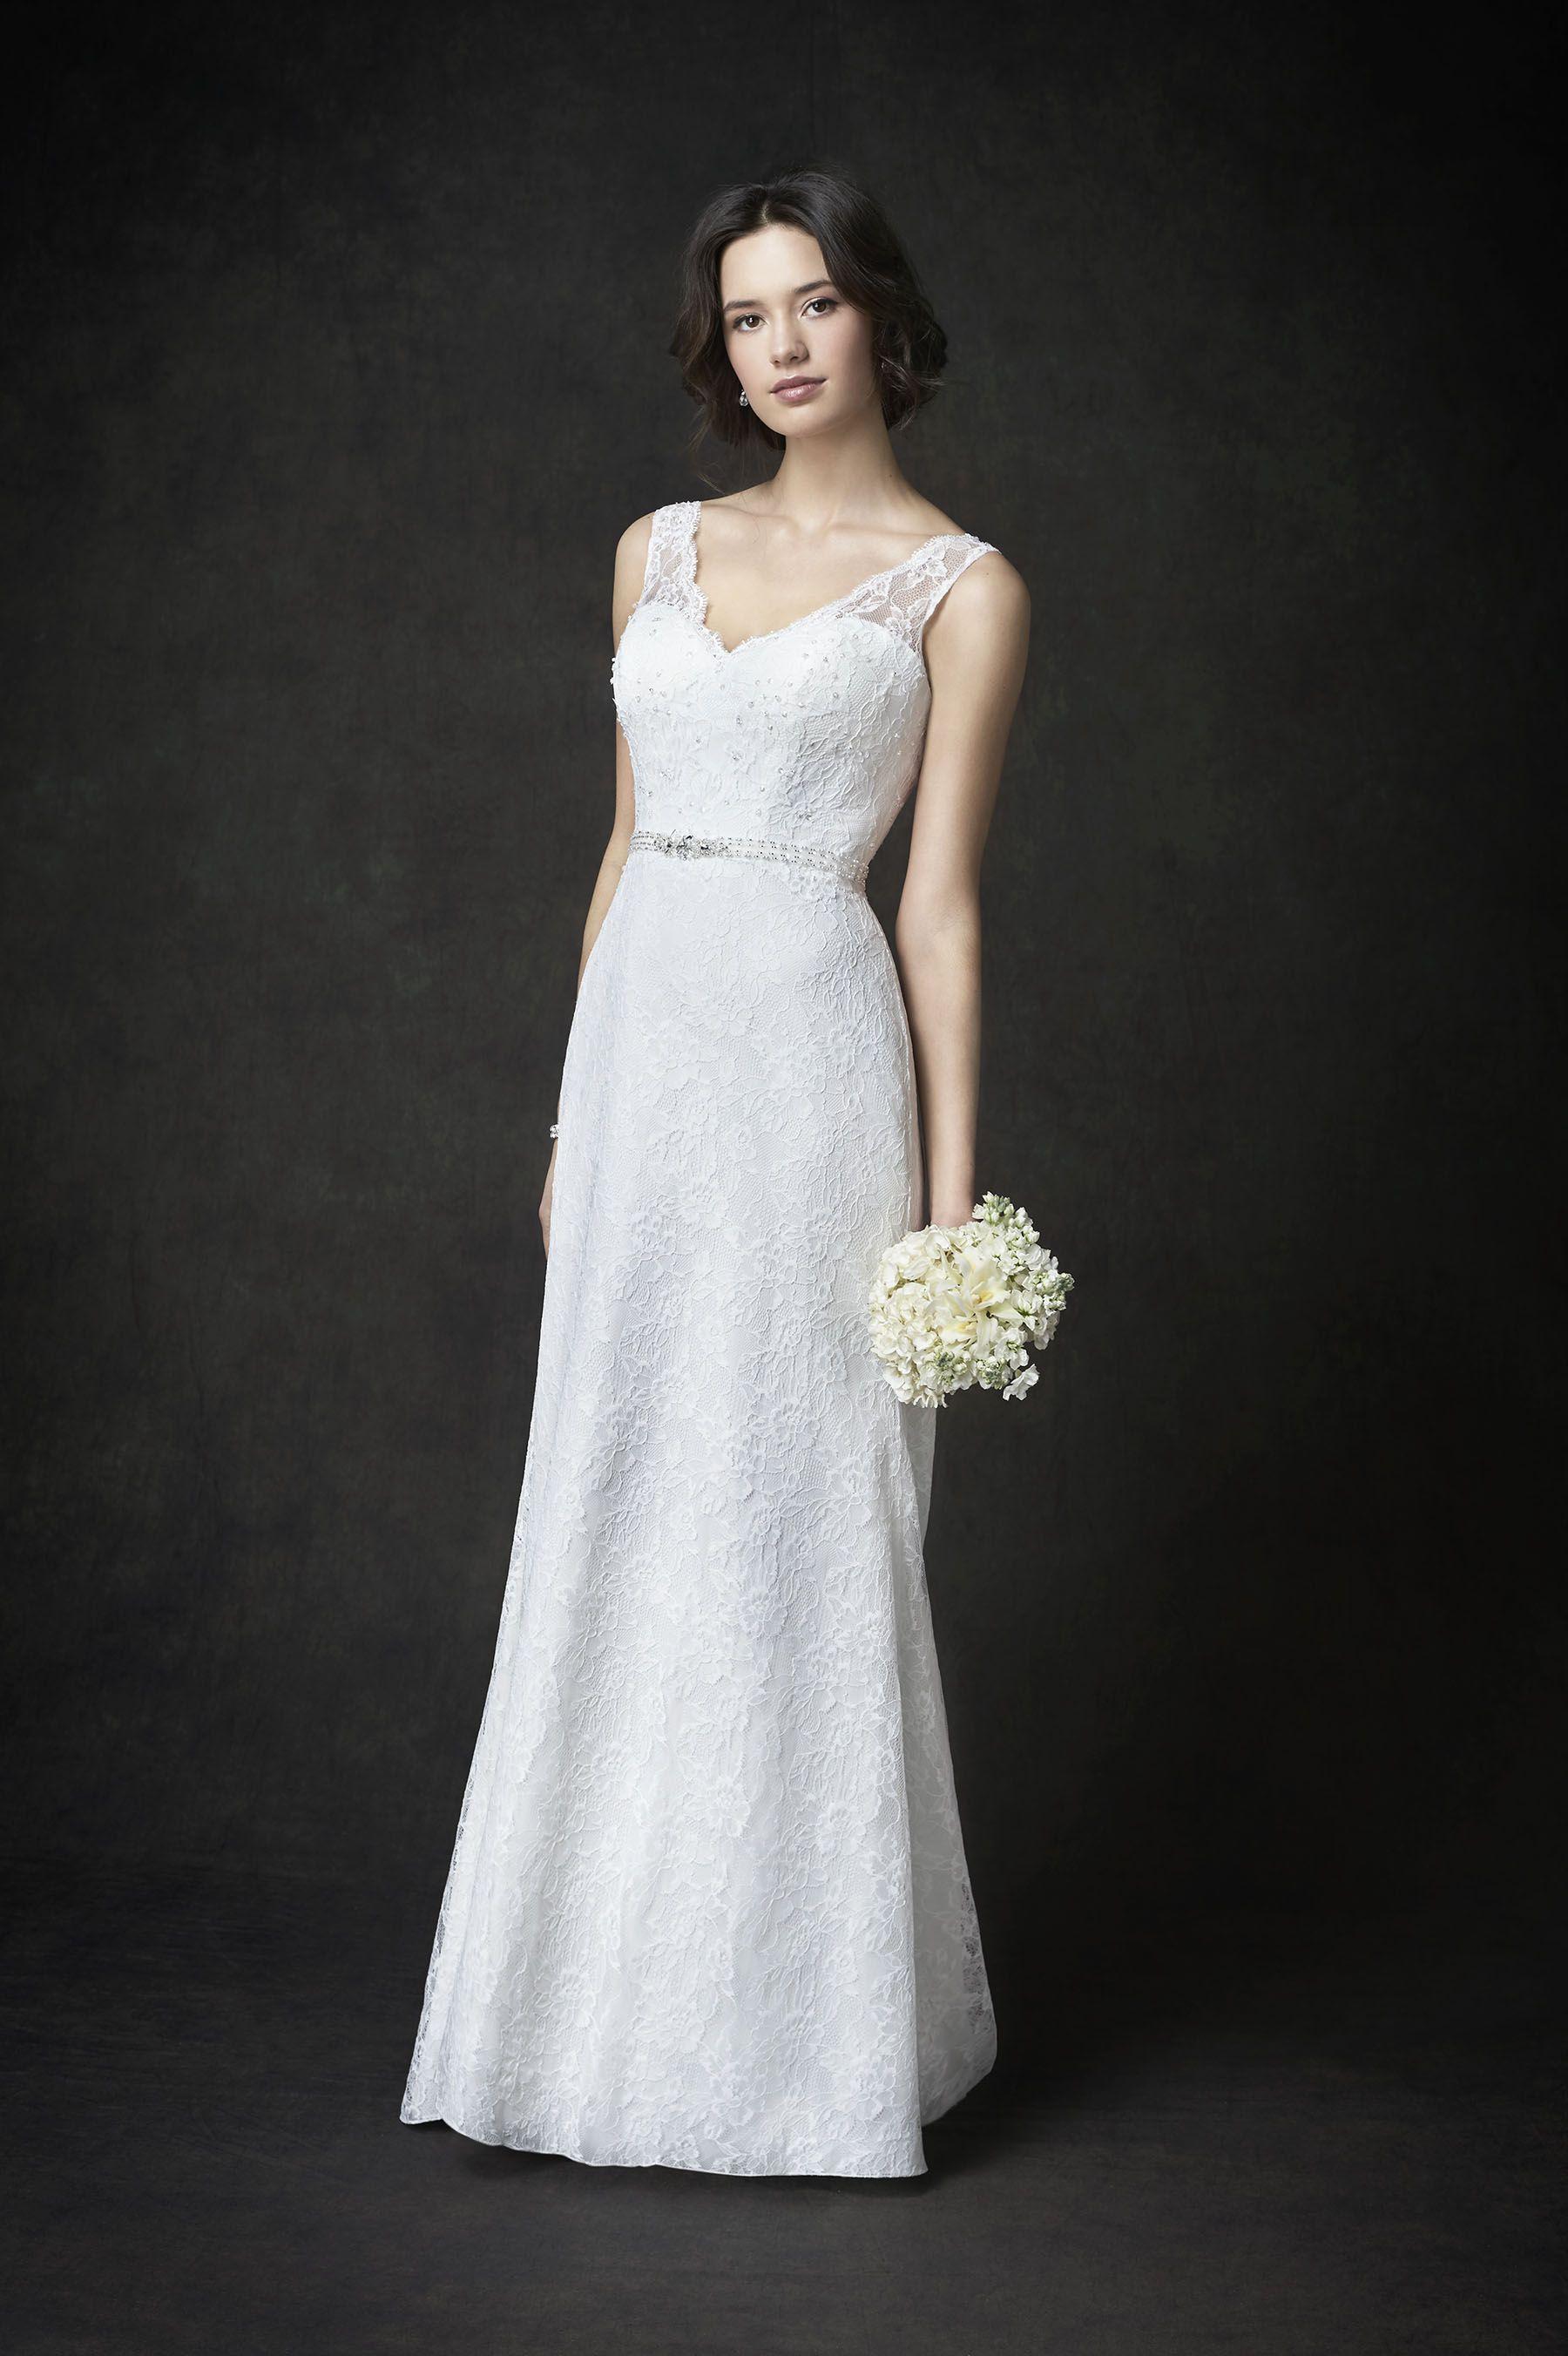 Ella rosa gallery ga2275 kenneth winston ella rosa collection kenneth winston gallery collection a line wedding dress ombrellifo Gallery